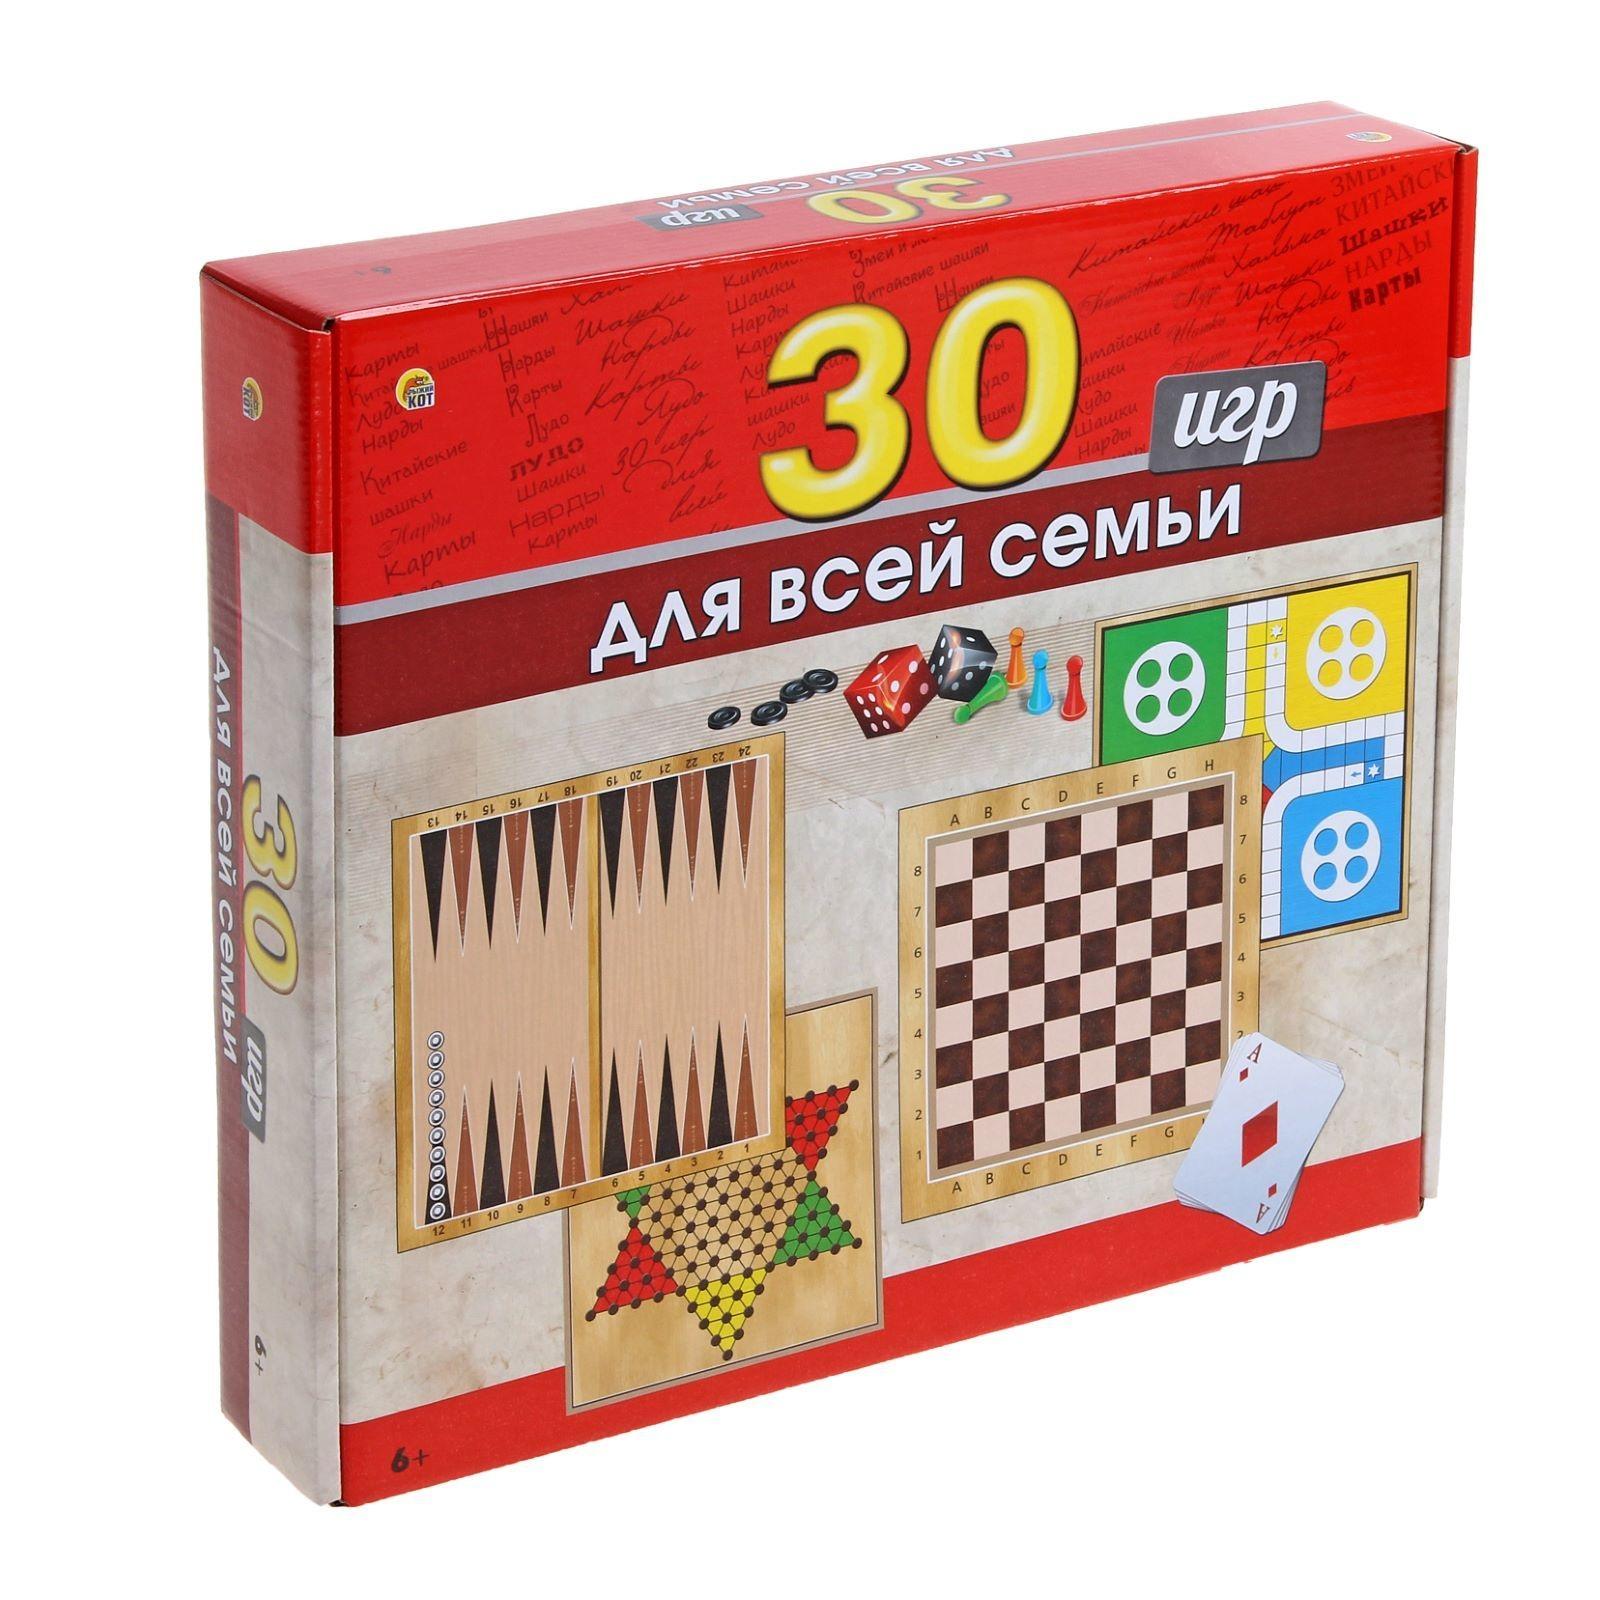 Купить Настольная игра 30 игр в 1 - Игры для всей семьи, Рыжий Кот